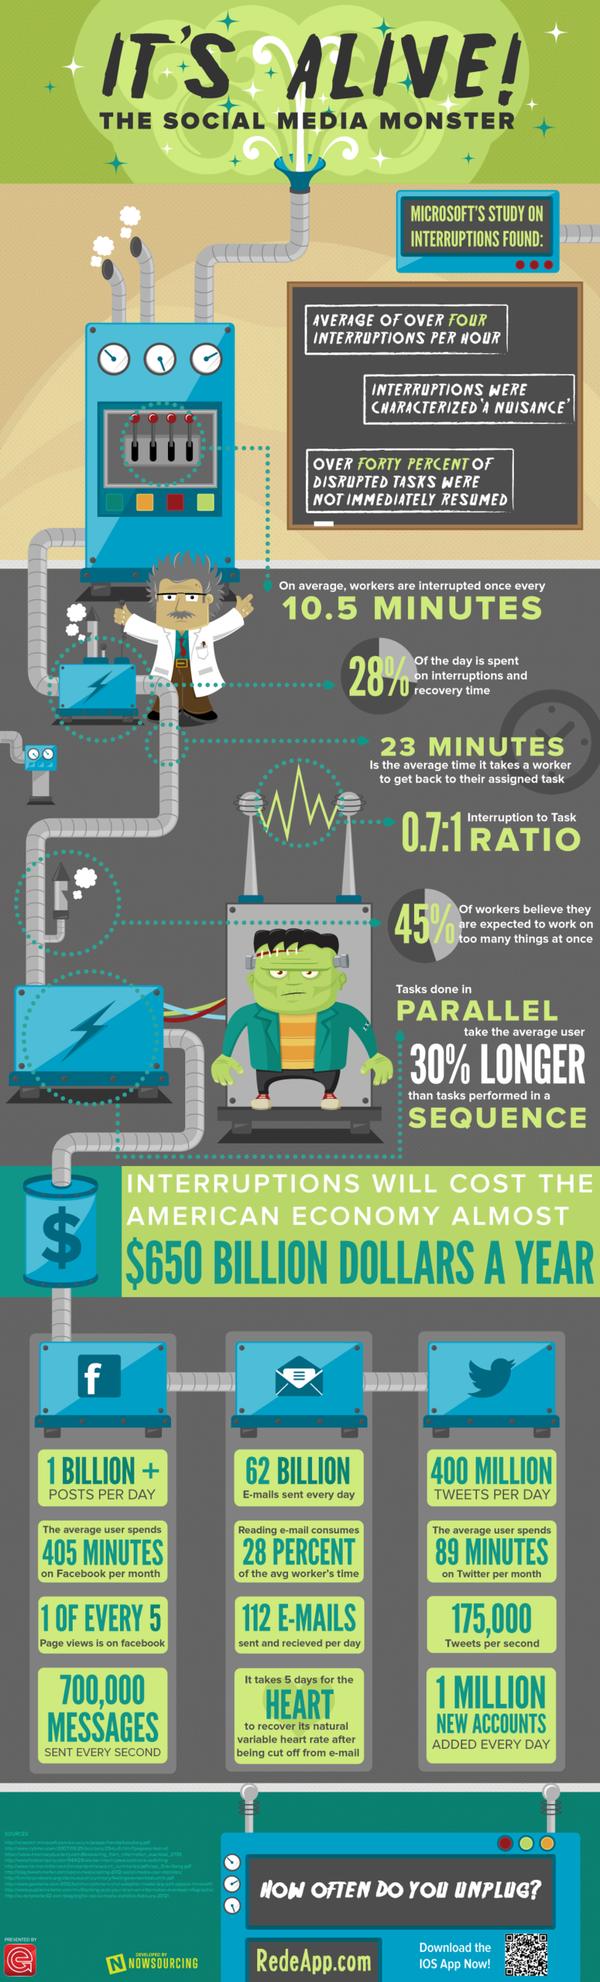 Social-media-monster-infographic